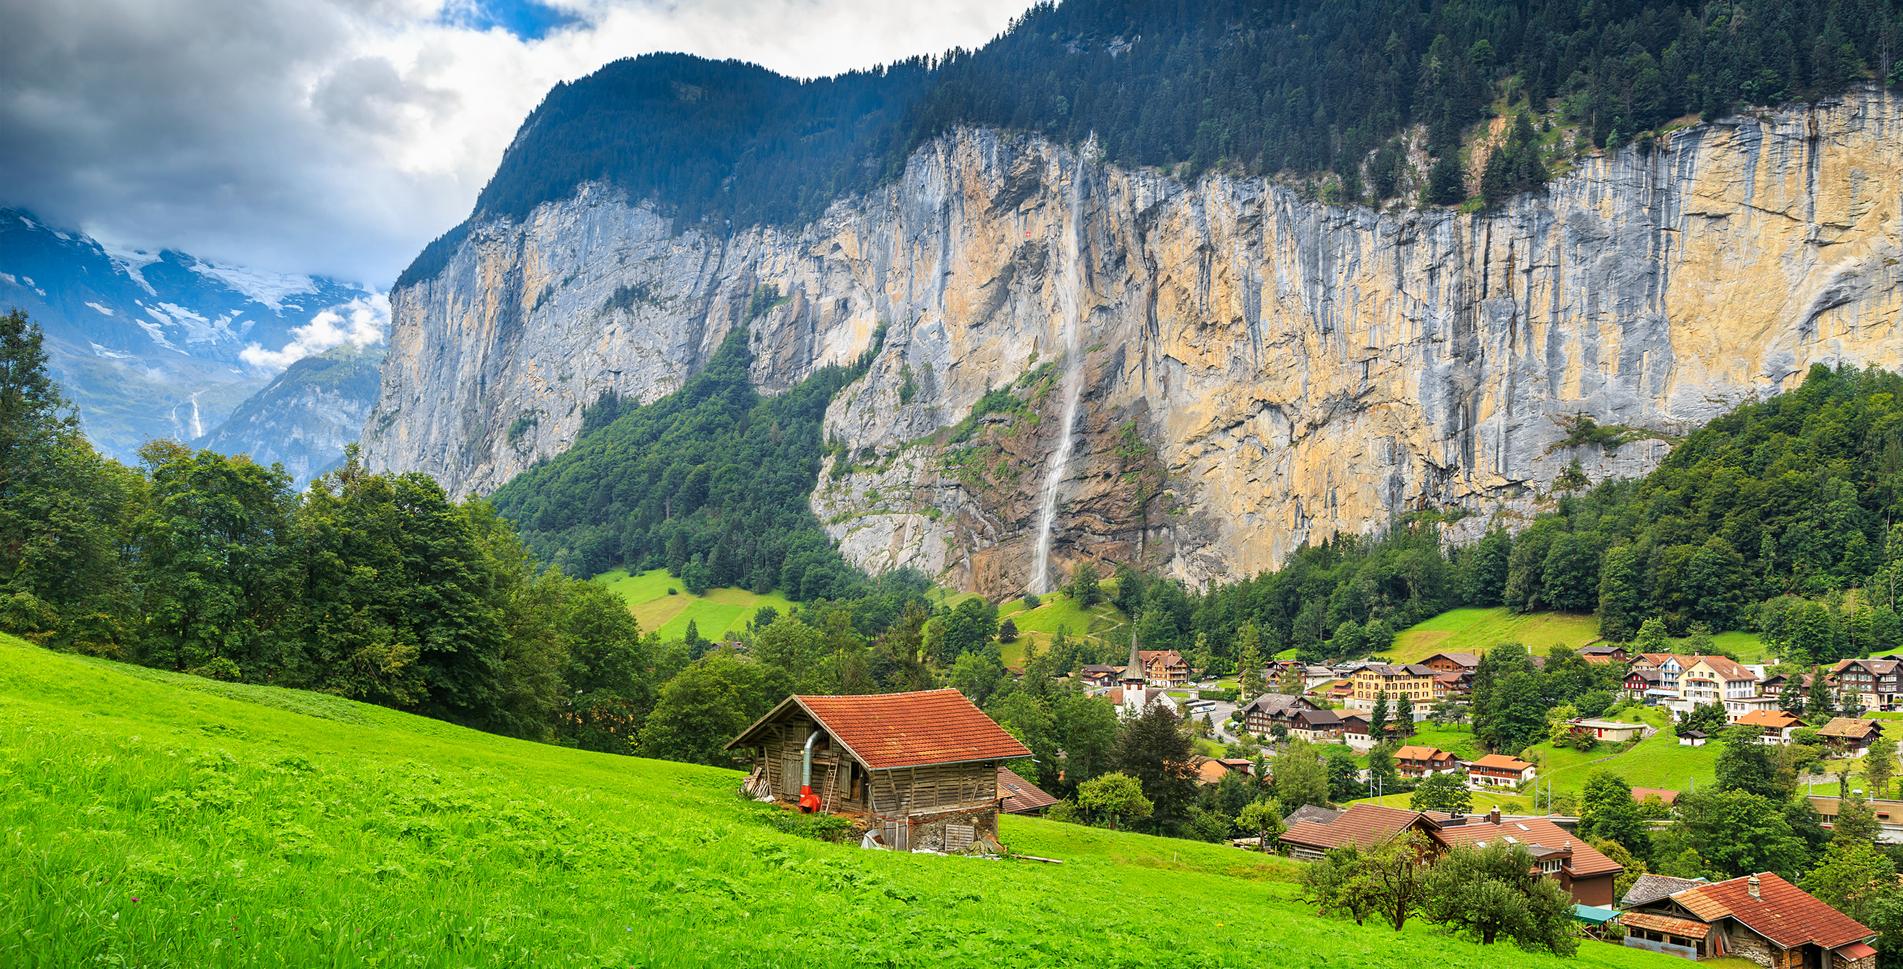 Wanderung im Tal der 72 Wasserfälle: Stechelberg - Trümmelbachfälle - Lauterbrunnen